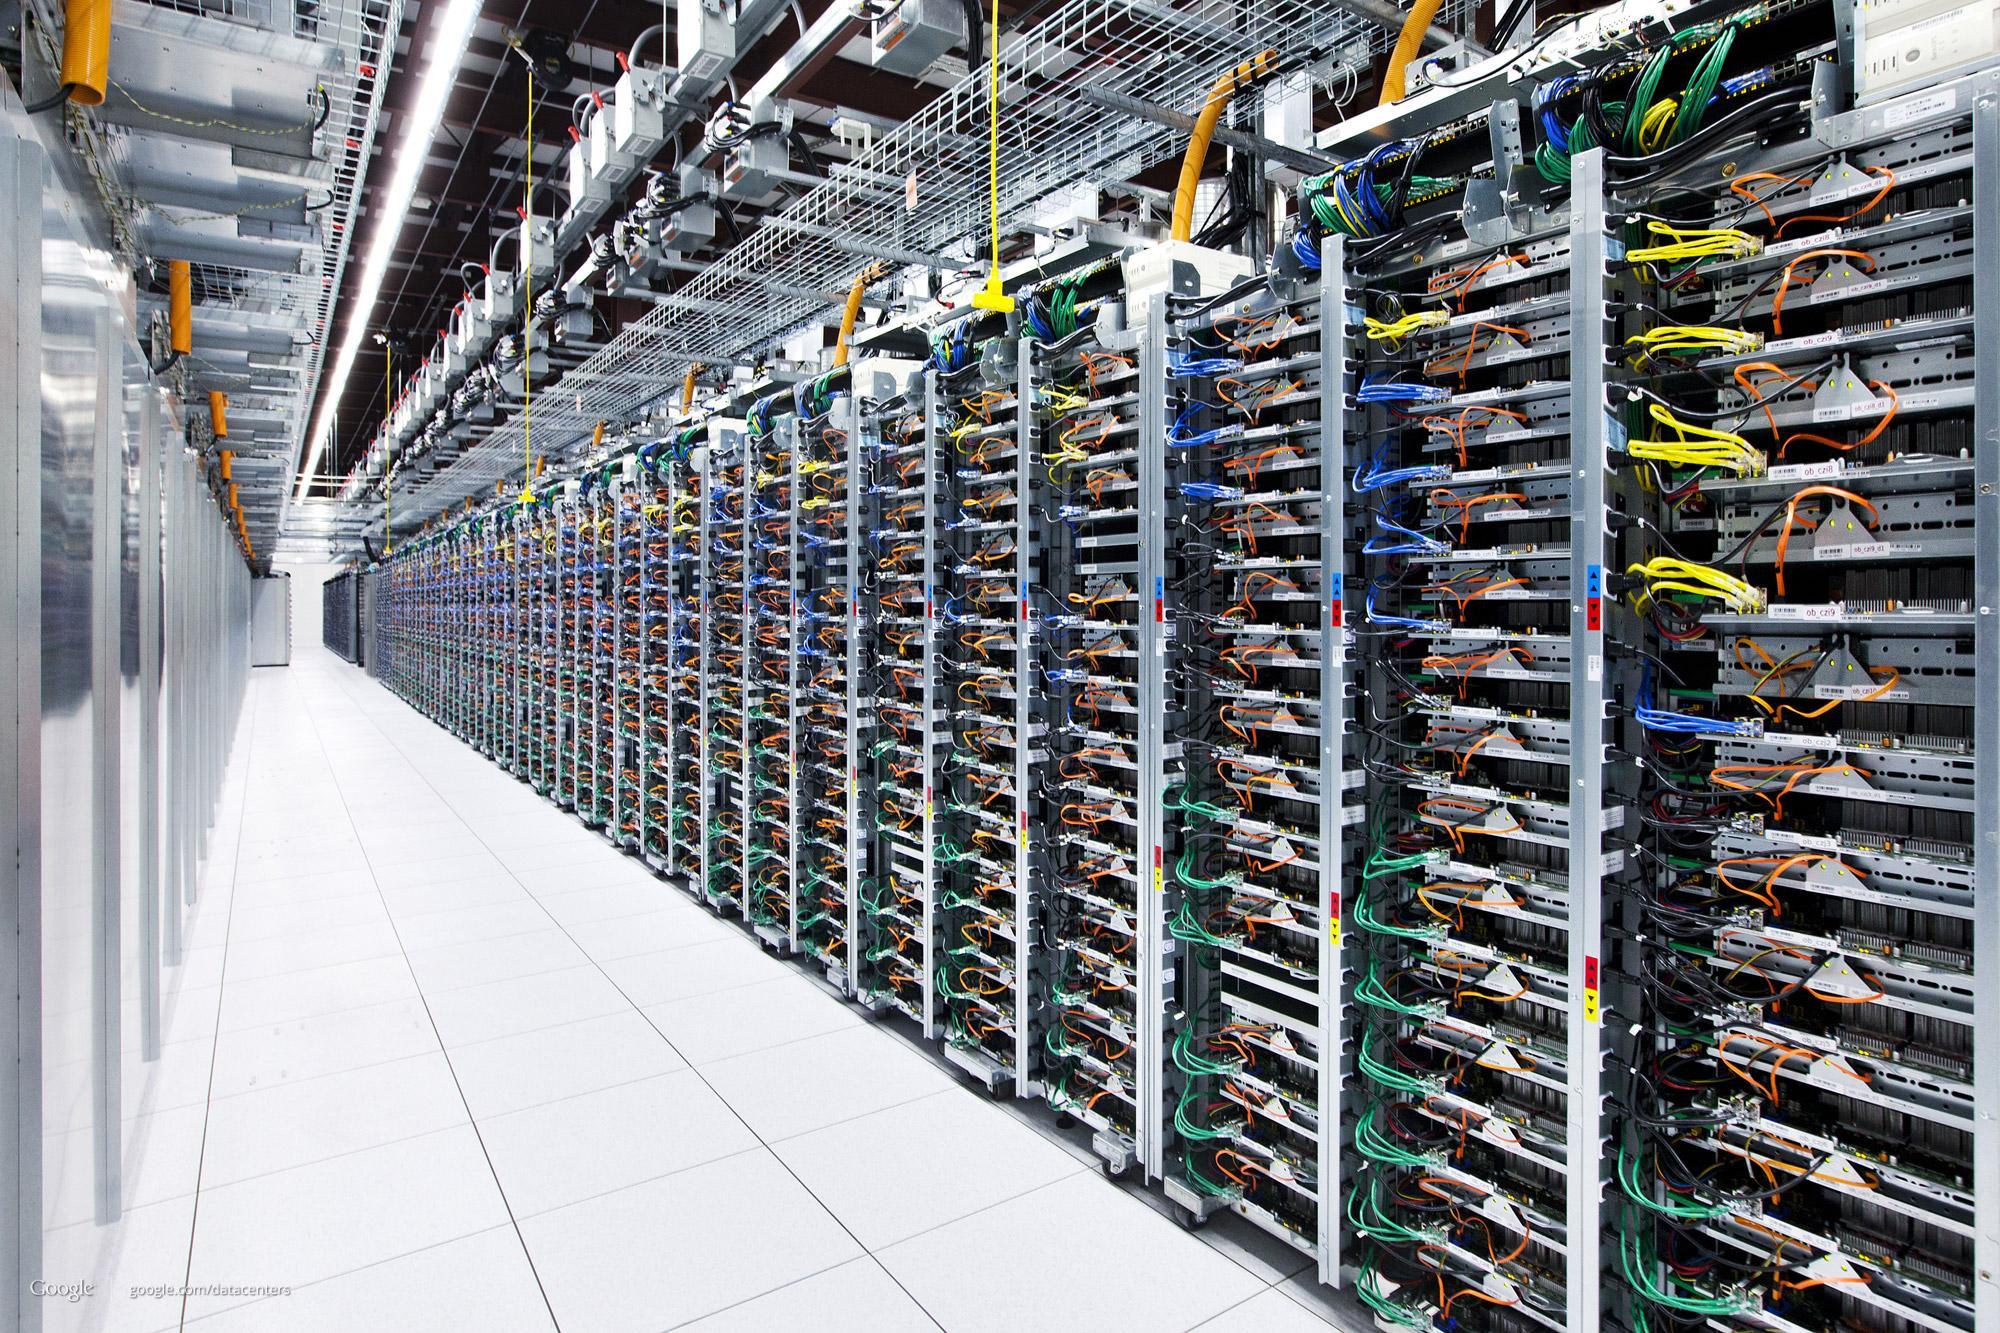 Servere på rekke og rad.Foto: Google/Connie Zhou